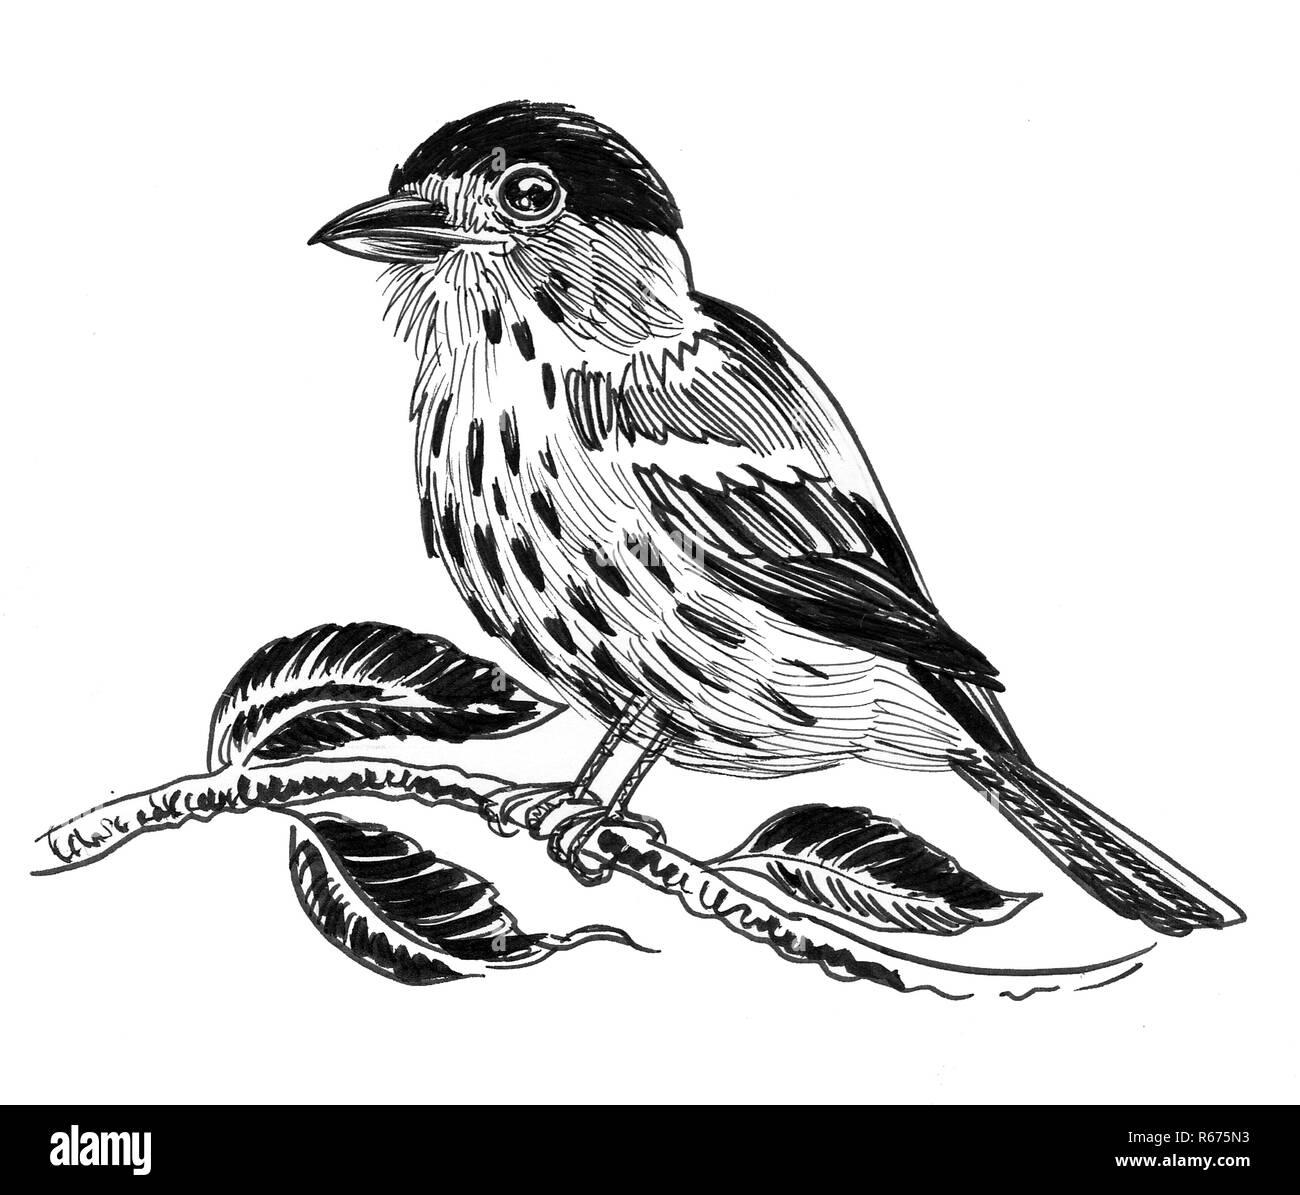 Joli Oiseau Posé Sur Une Branche Darbre Dessin Noir Et